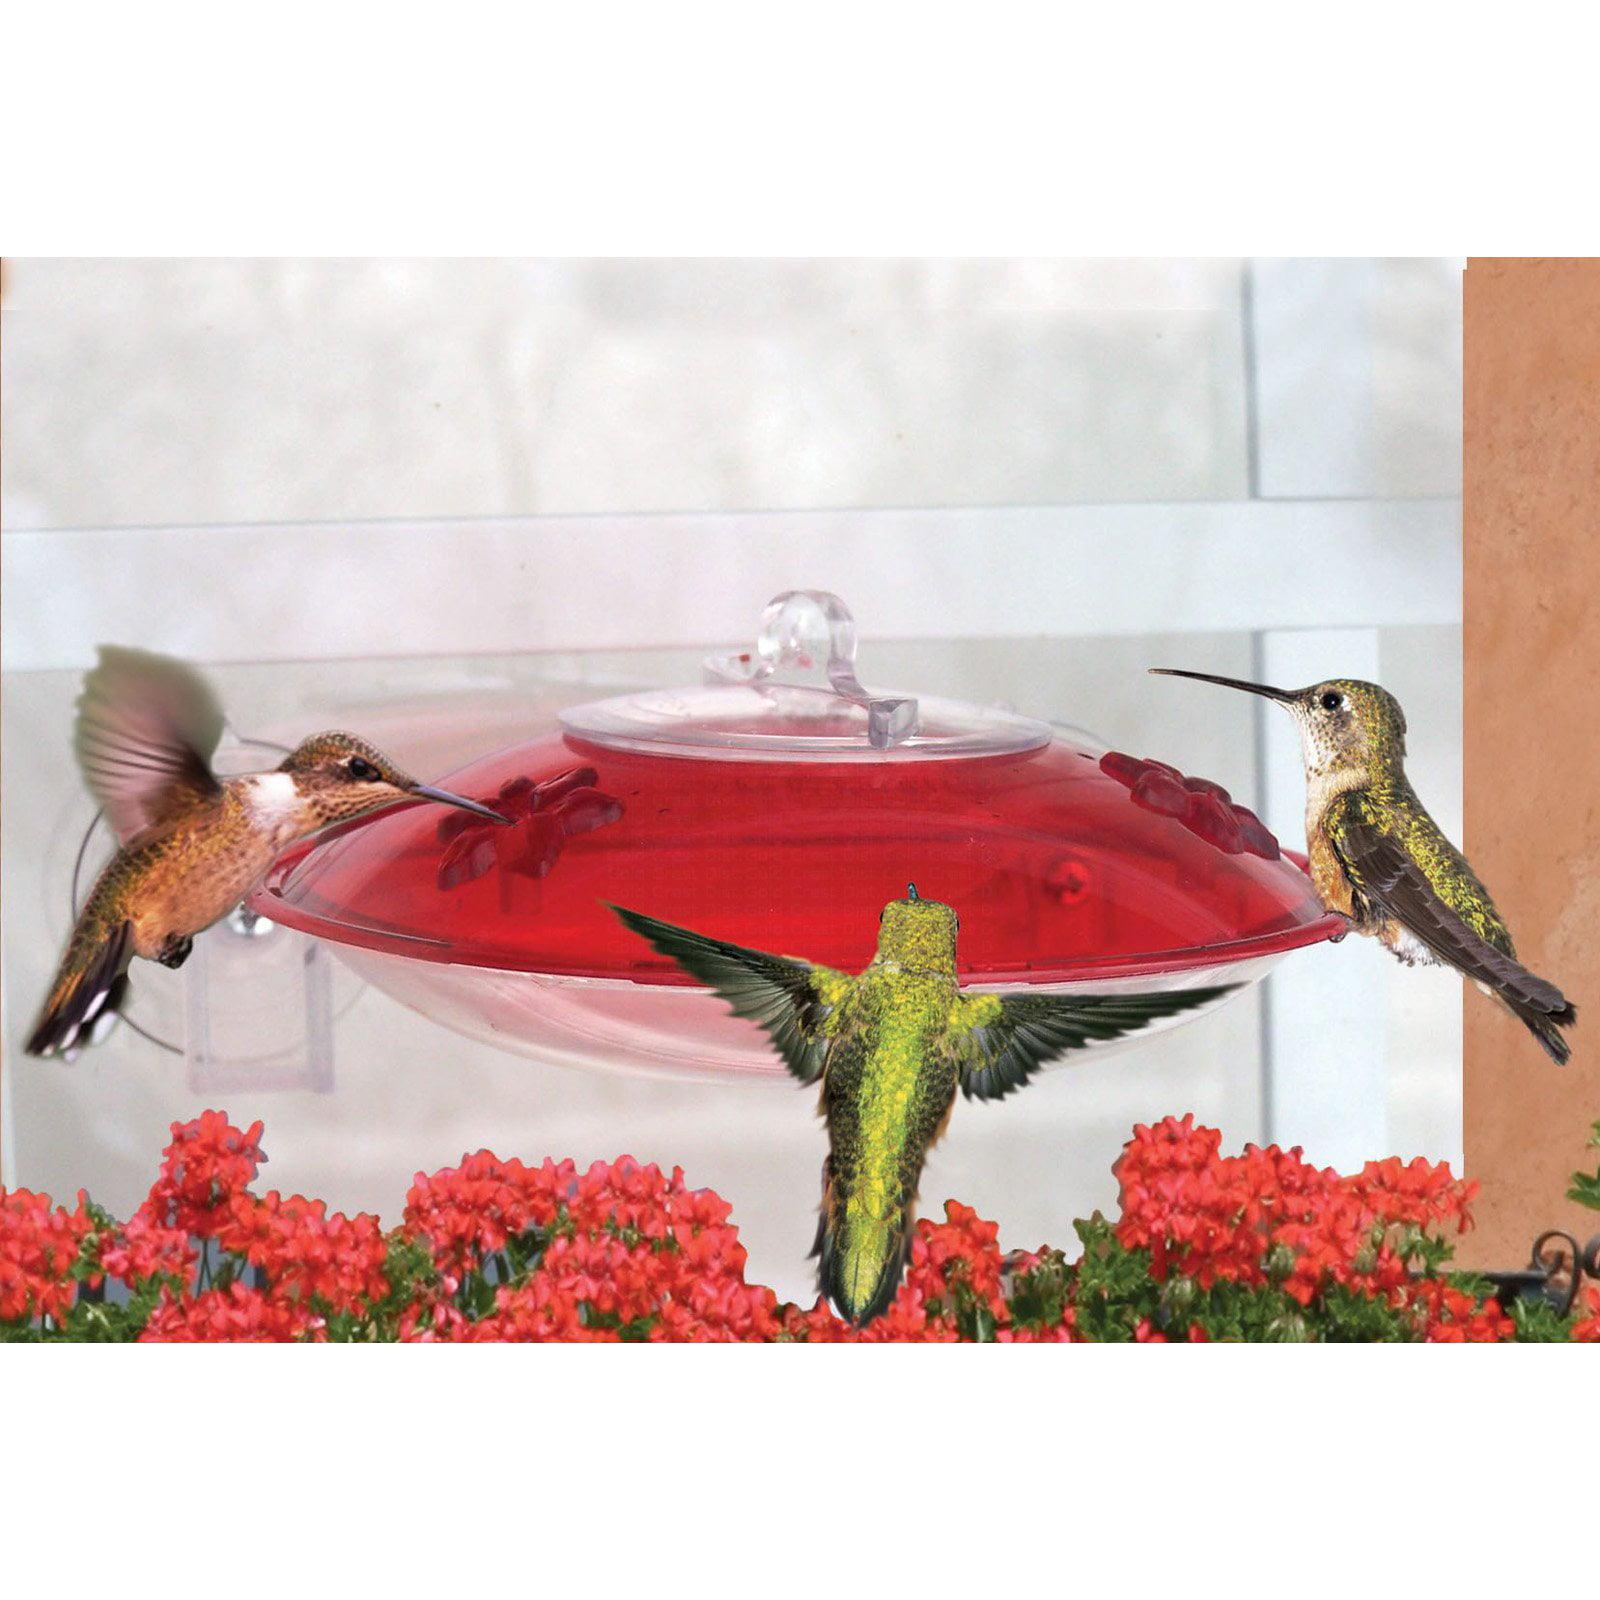 Droll Yankees Window Hummer 3 Hummingbird Feeder with 2 Ports